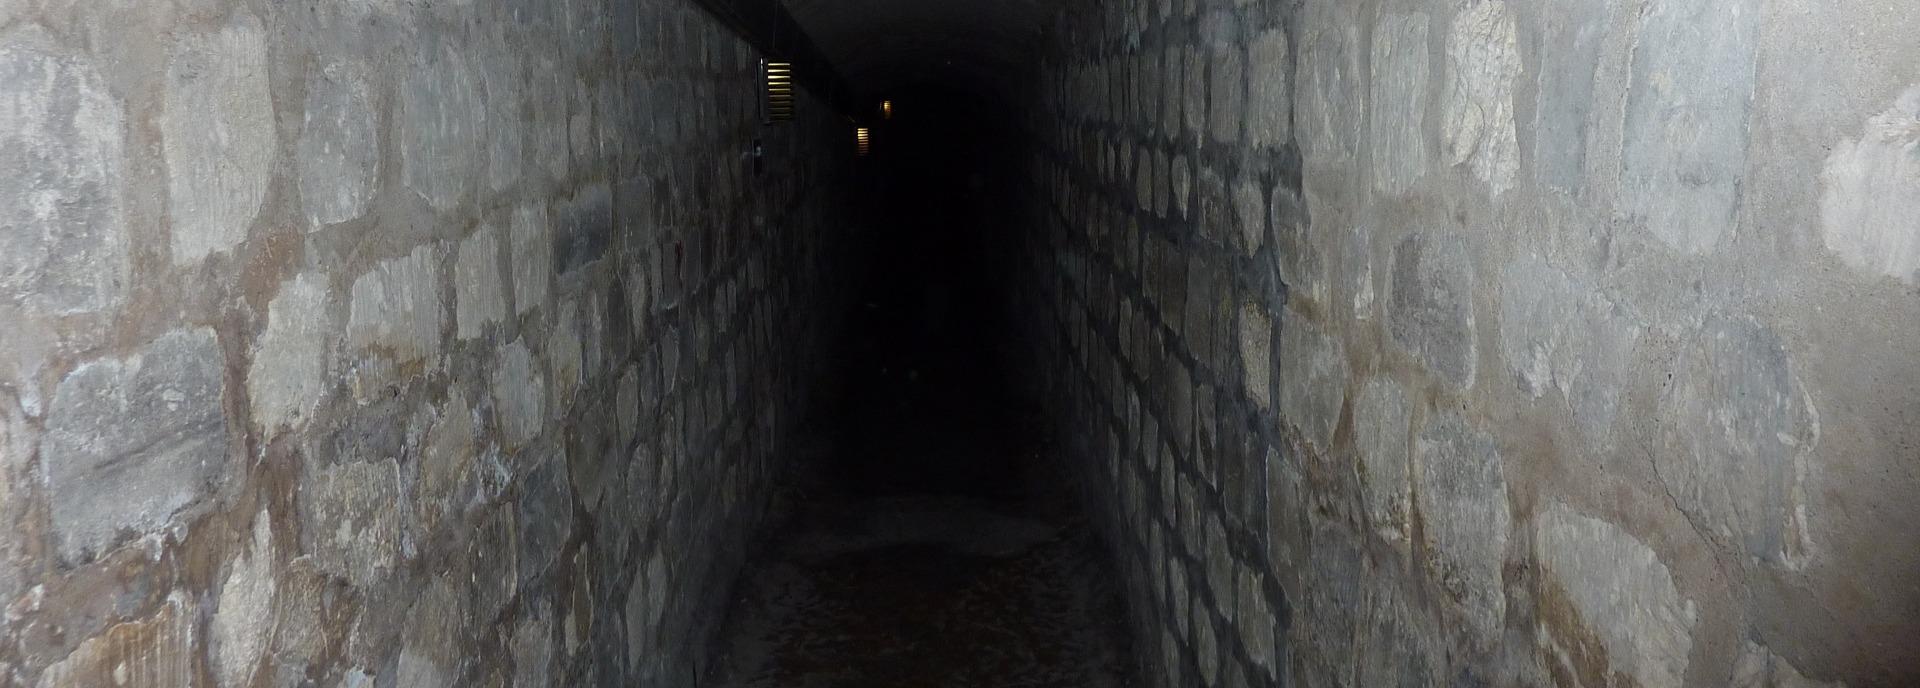 darkHallway_edited